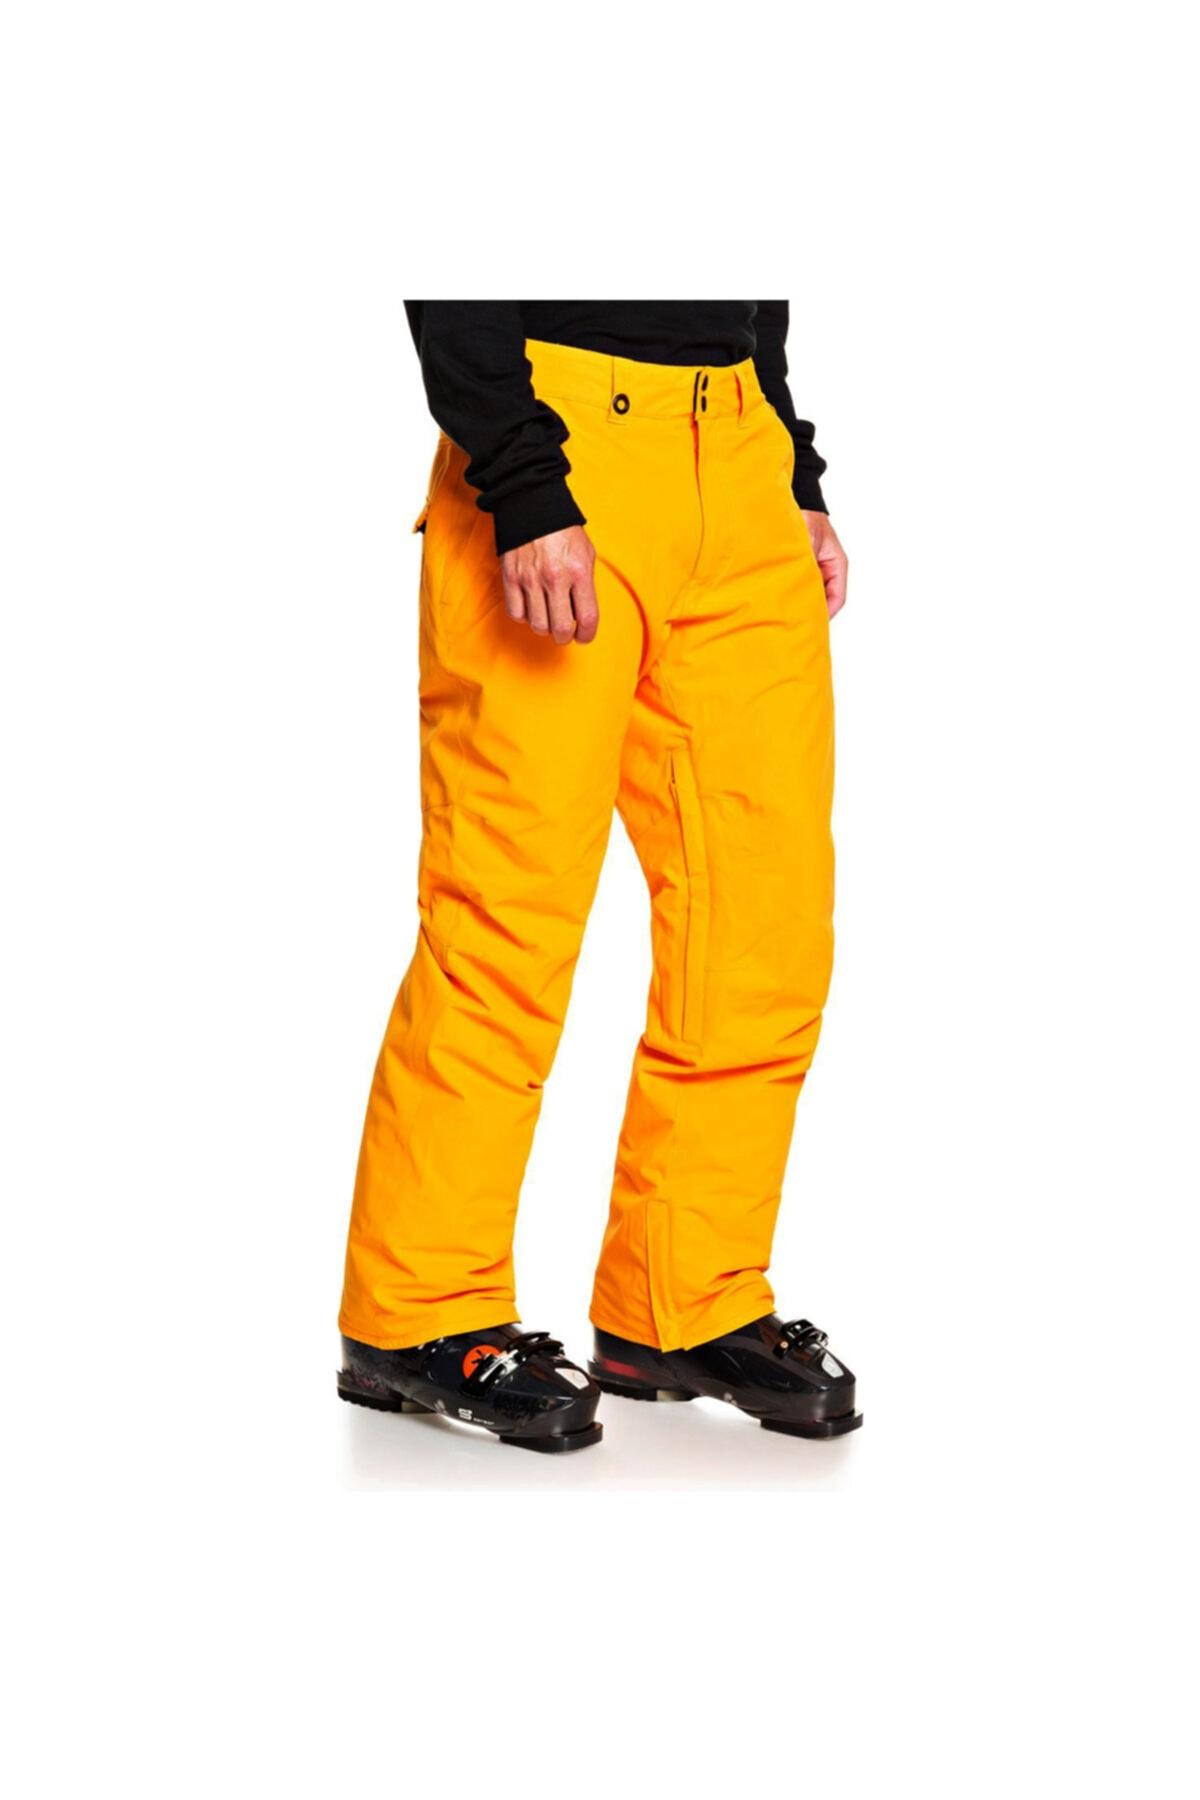 Quiksilver ESTATE PT M SNPT NKP0 Turuncu Erkek Kayak Pantalonu 101068431 1